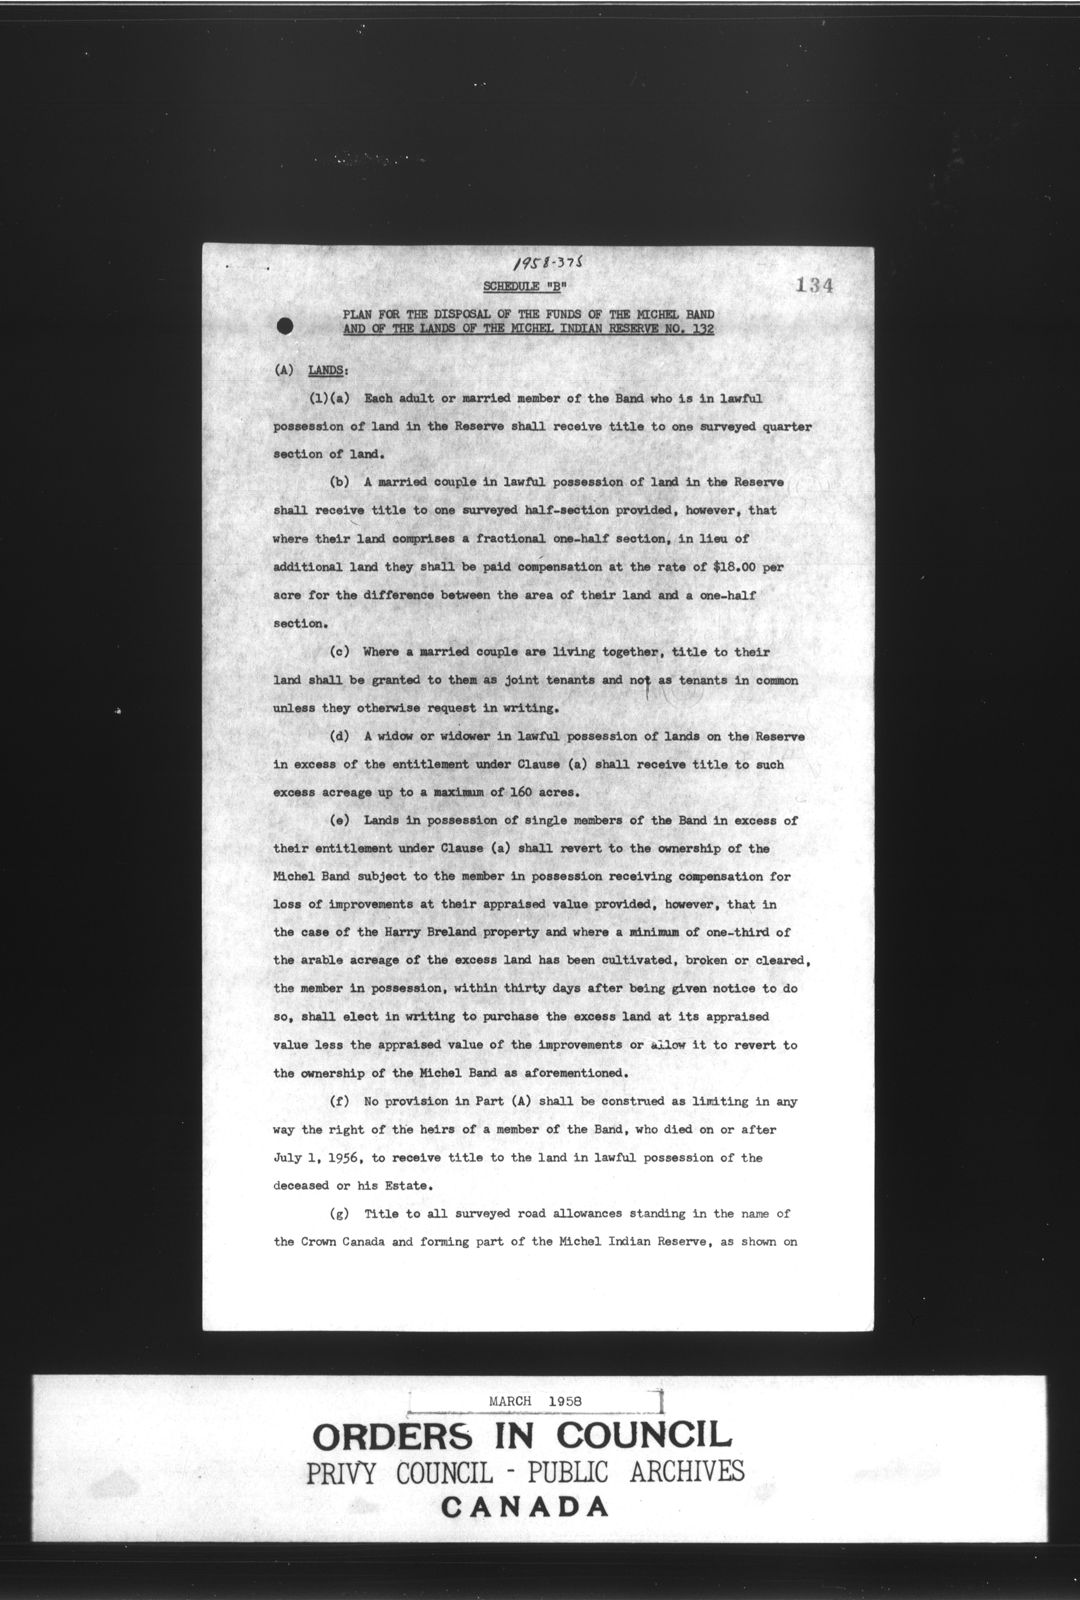 Texte dactylographié en noir et blanc décrivant l'affectation des fonds de la bande de Michel et des terres de la réserve indienne de Michel n° 132.